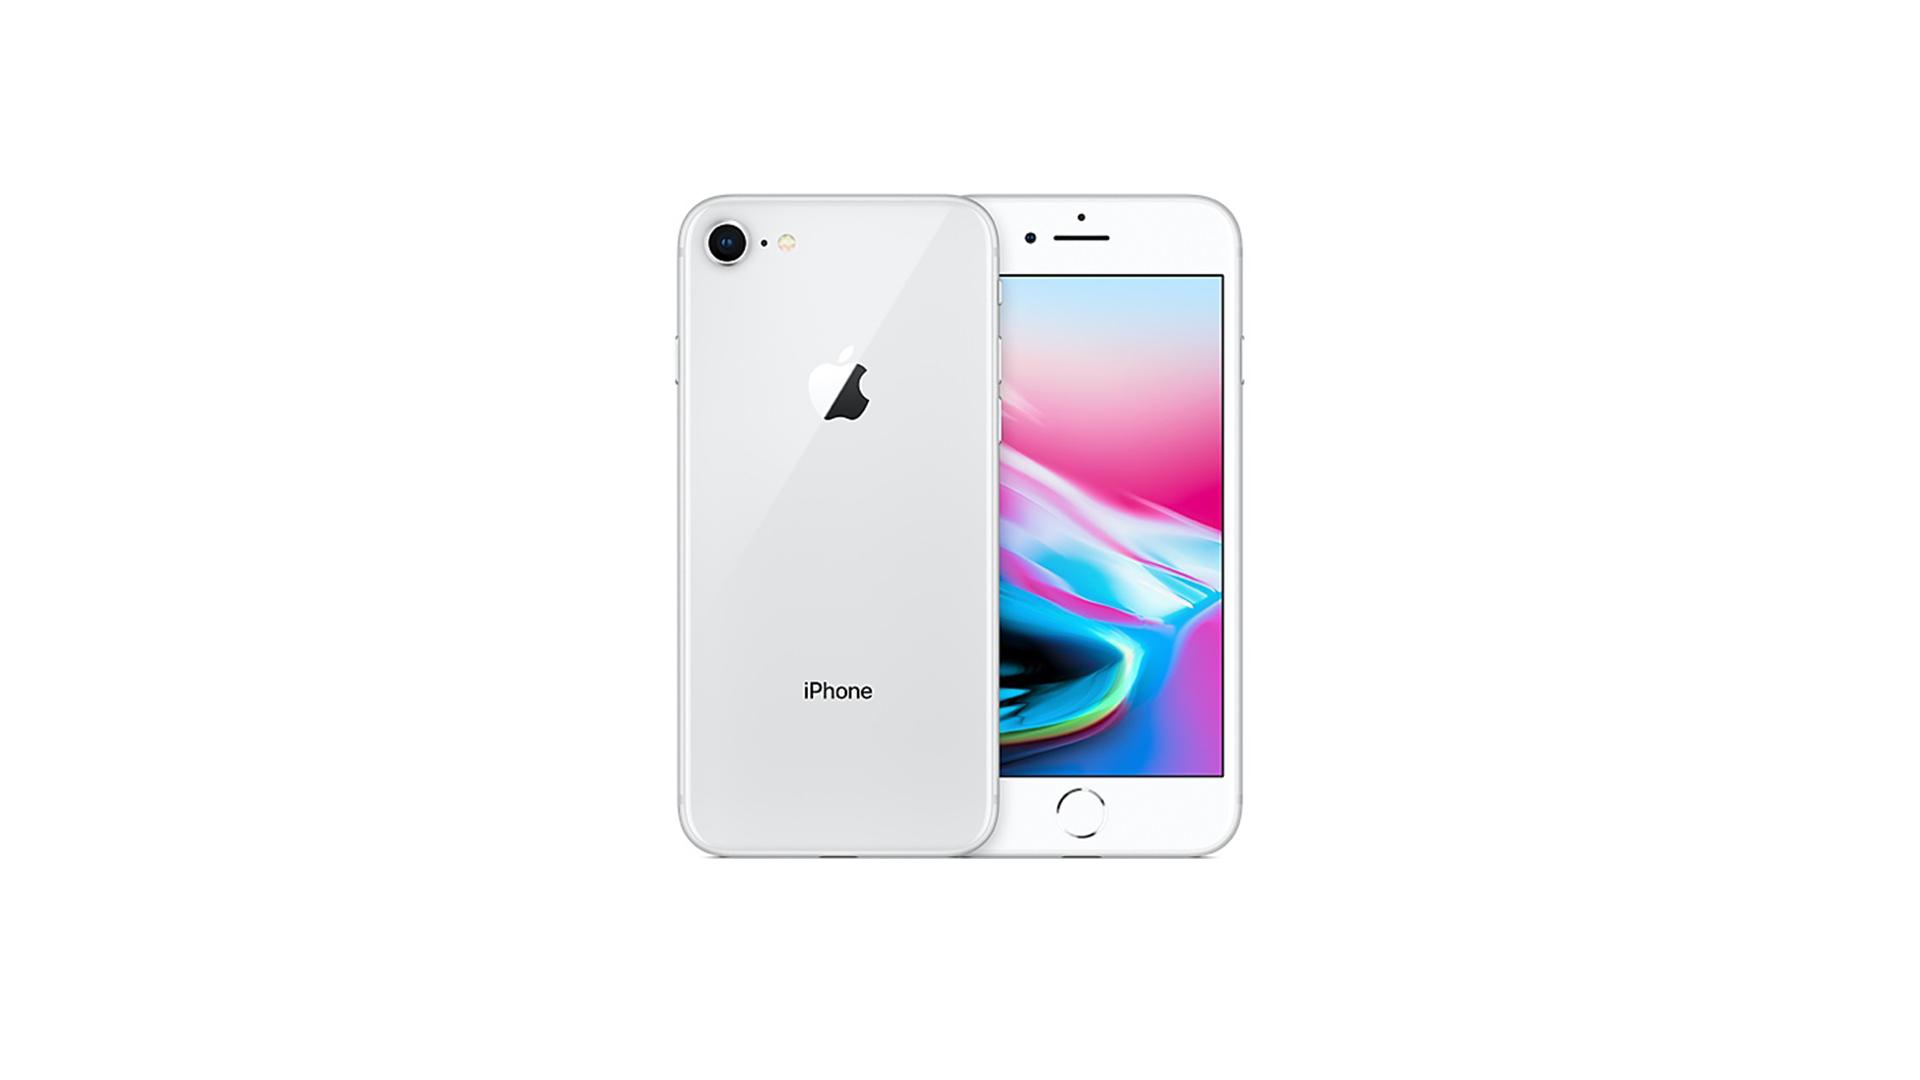 d0d023349fb Les Bons Plans du Jour : l'iPhone 8 à 625 euros, l'iPad 2018 à 279 ...